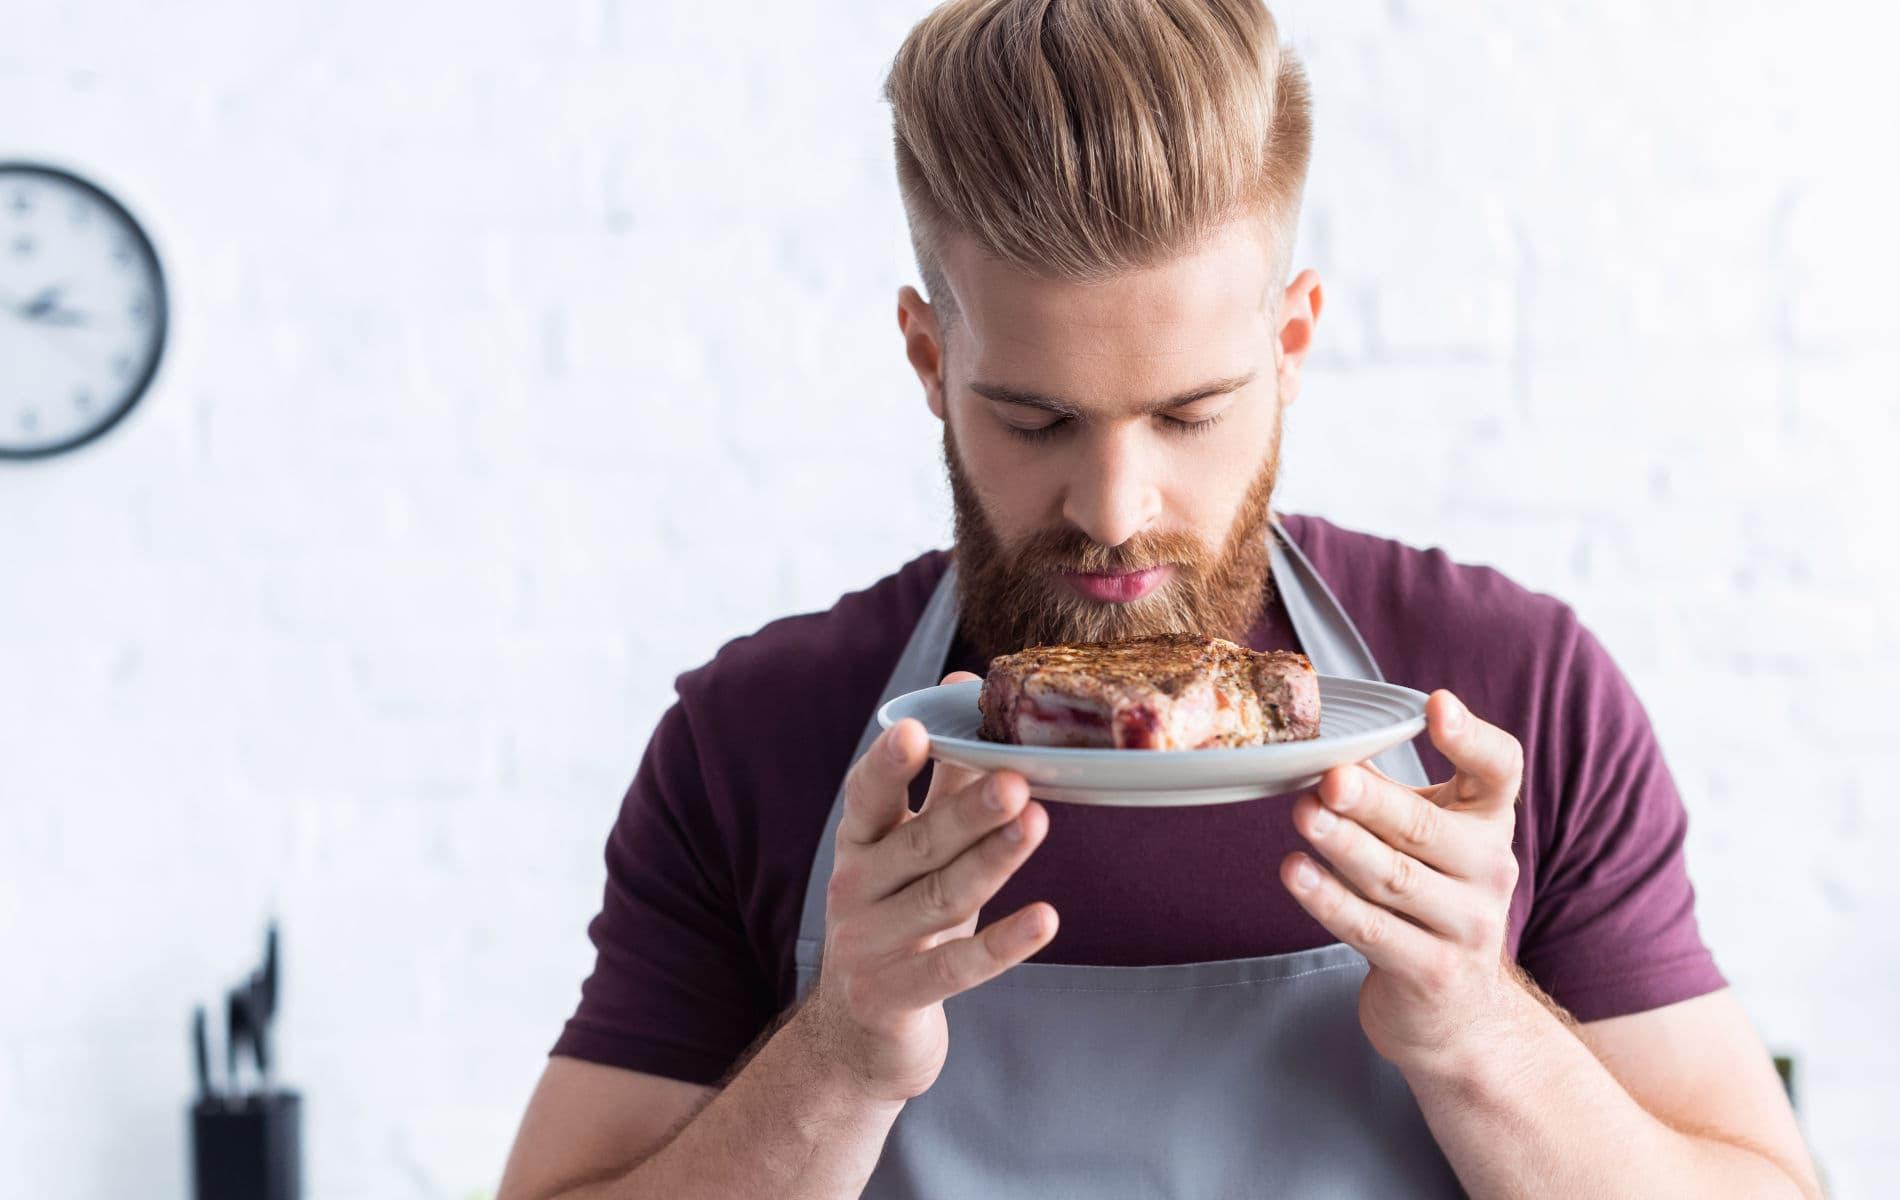 Mann hat großes Verlangen nach Essen - Stress Essen